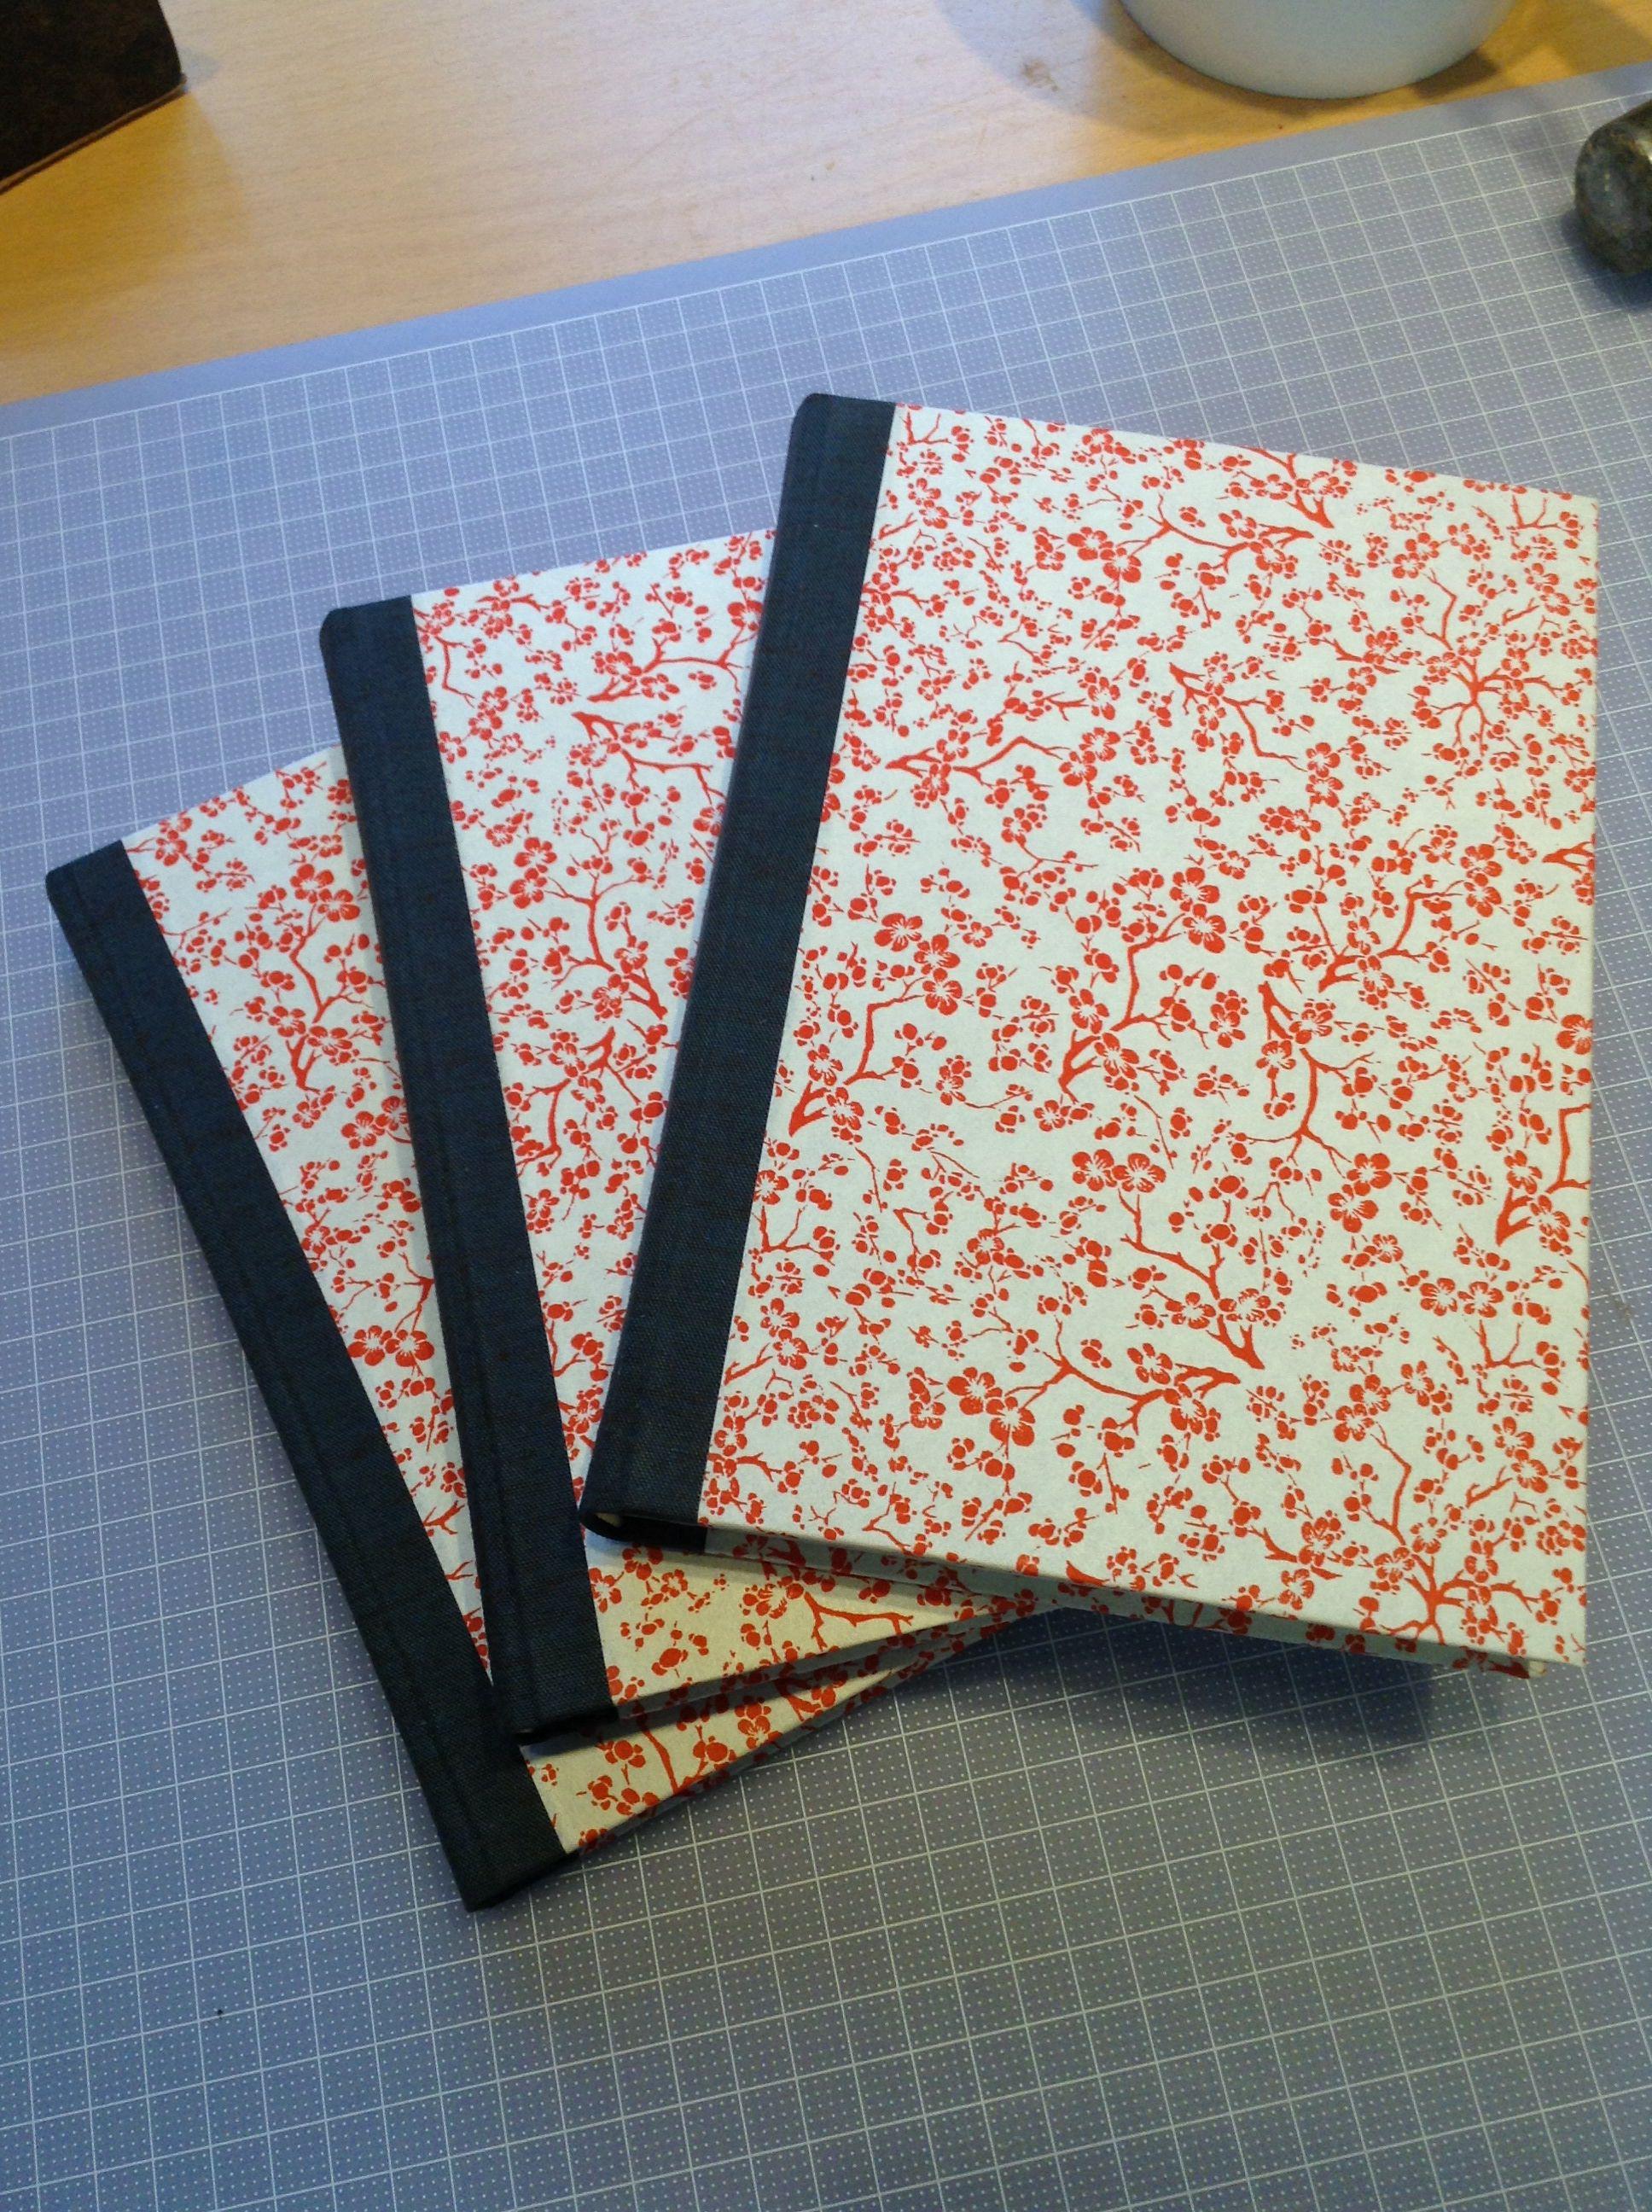 Bokbinderi, liten klotrygg, japanskt papper på resten av pärmen by Djura Bok & Pappersverkstad.